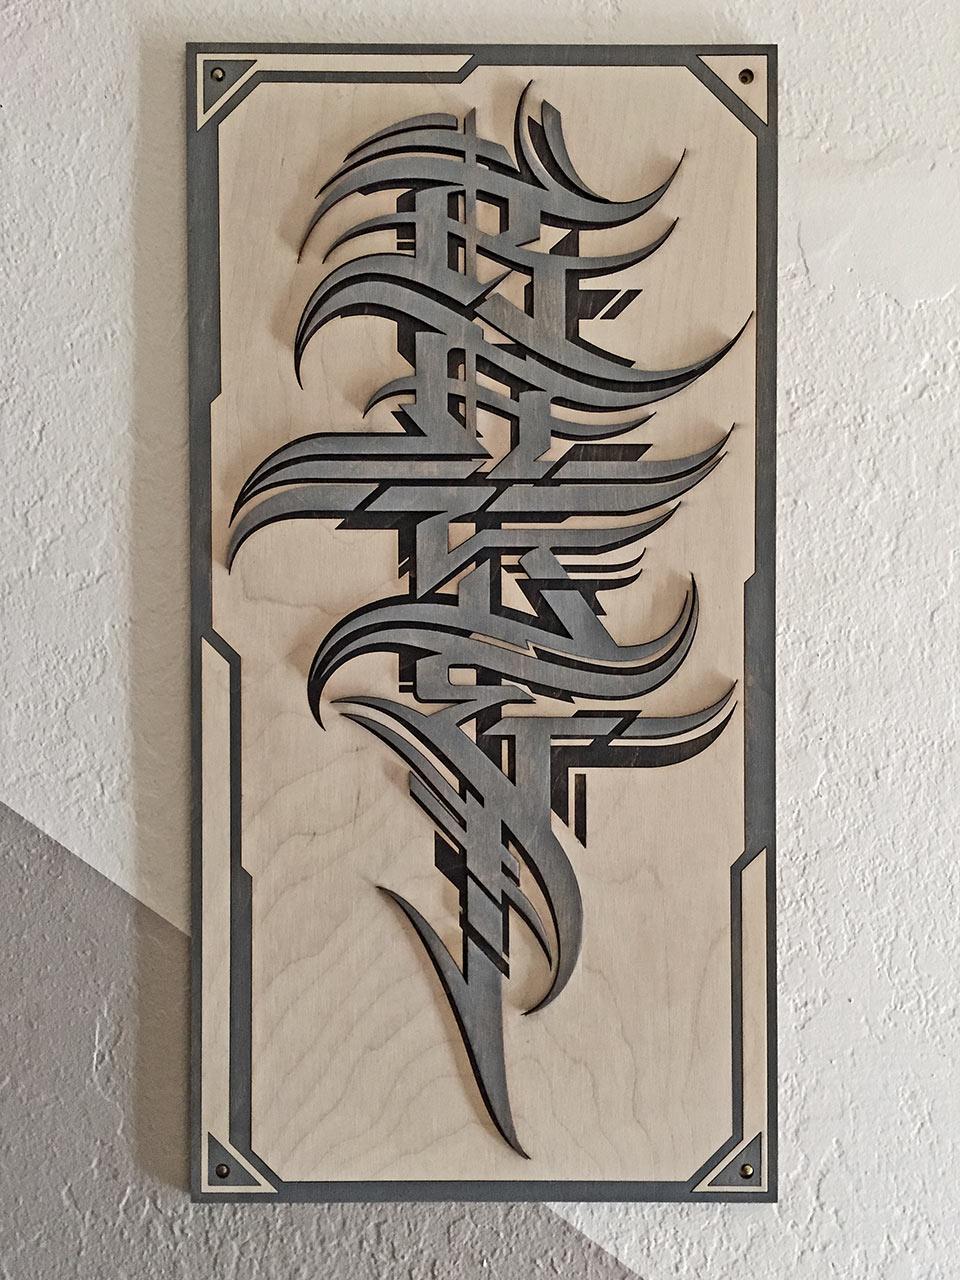 Raseone woodcut wildstyle